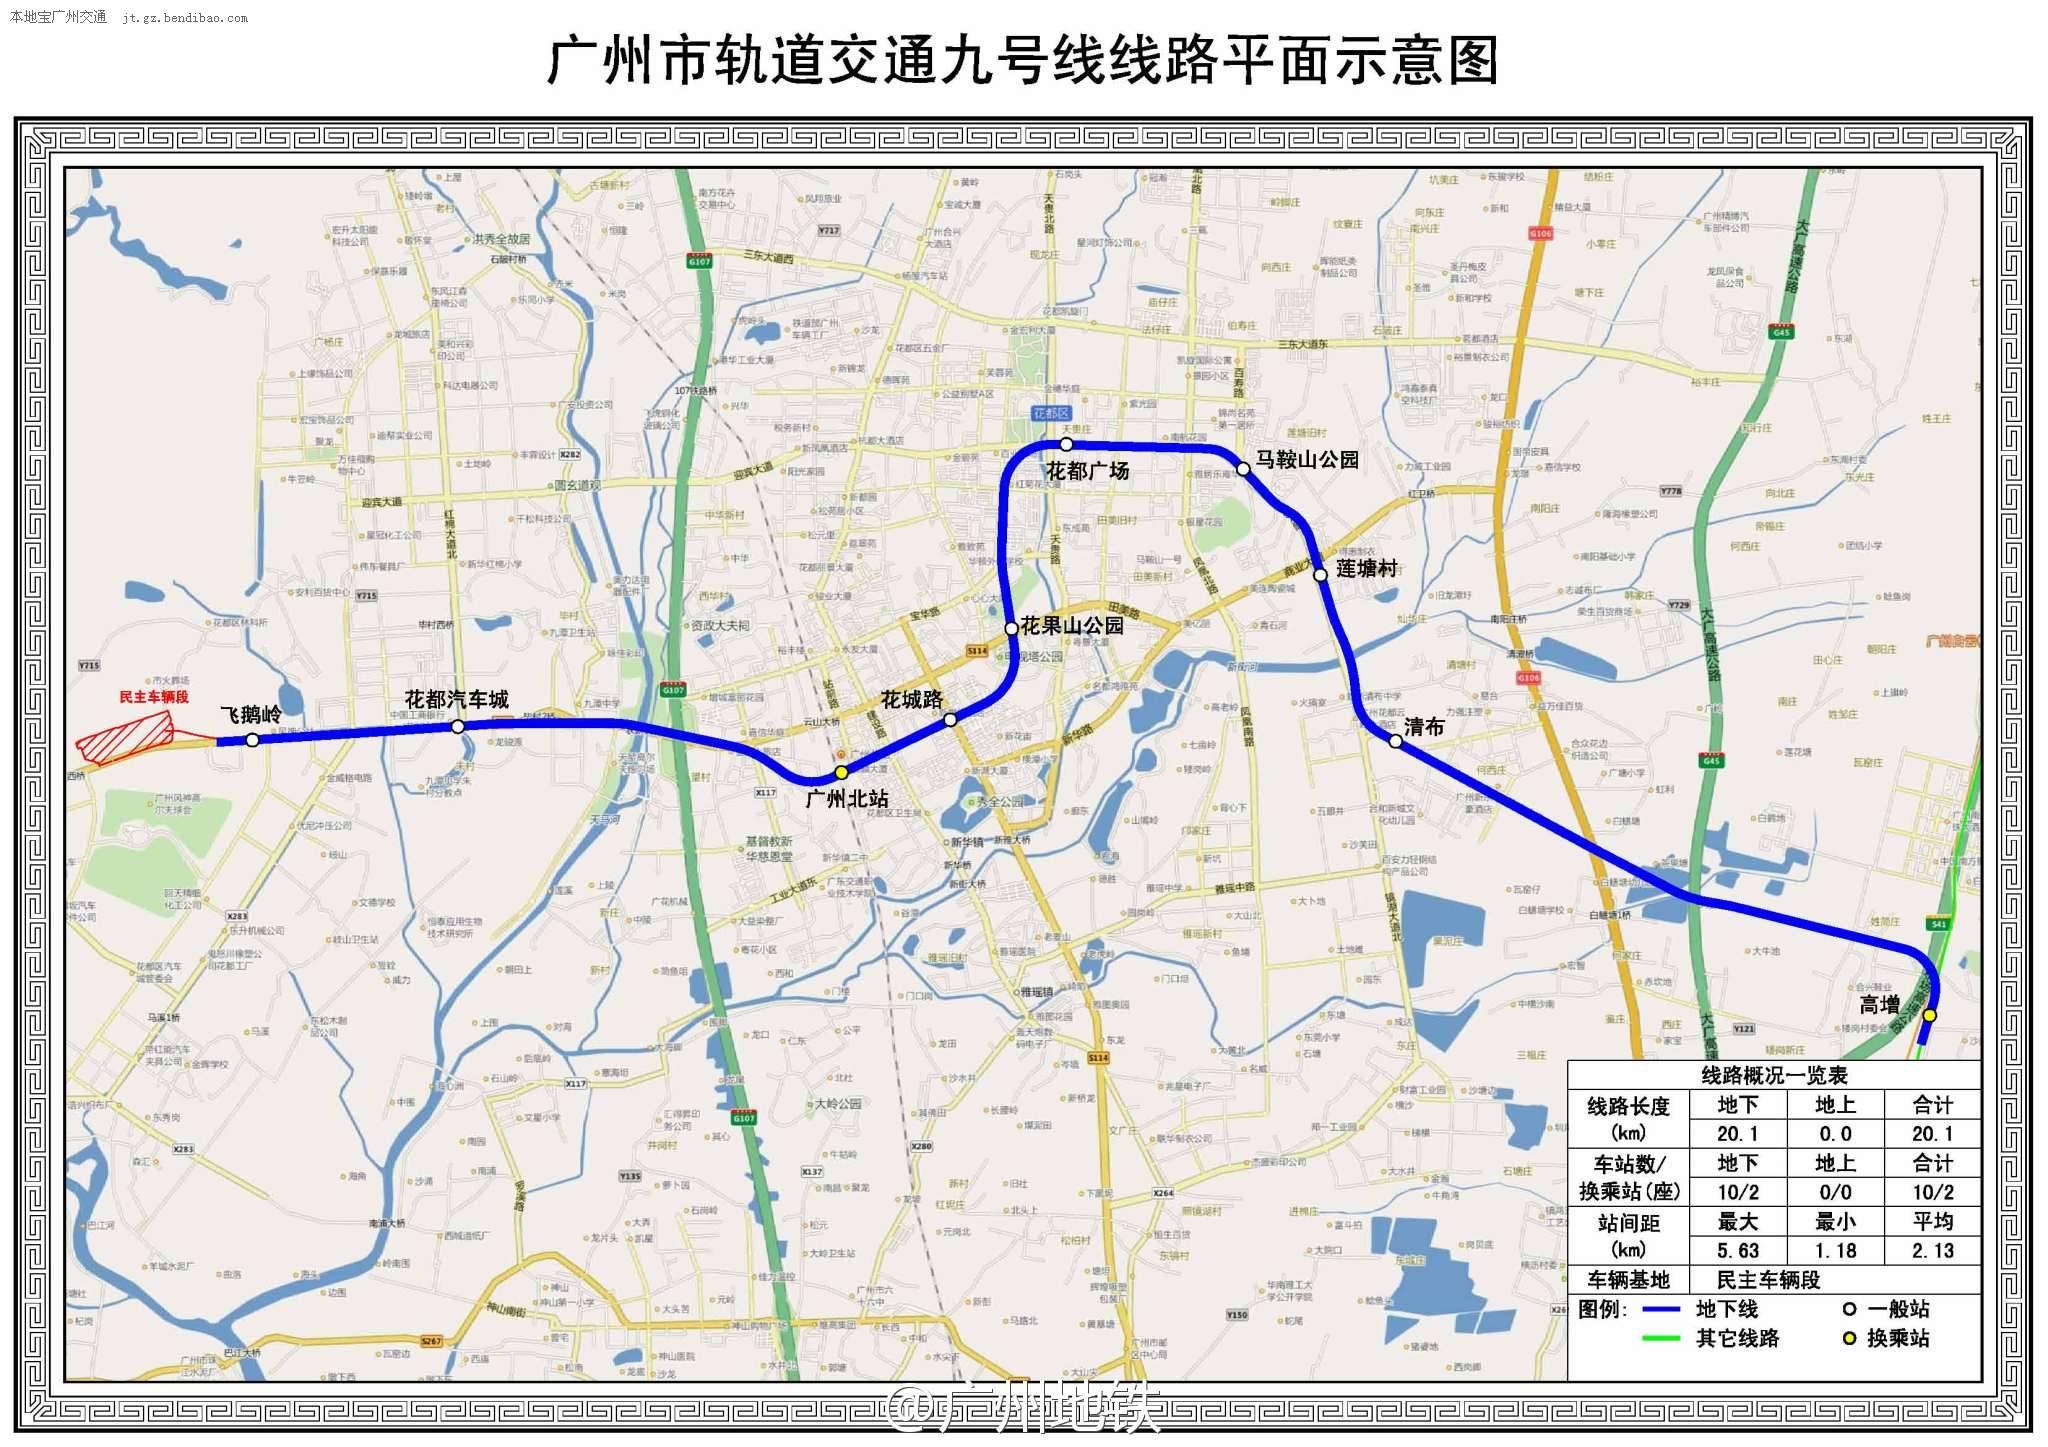 广州地铁路线图下载网址图片